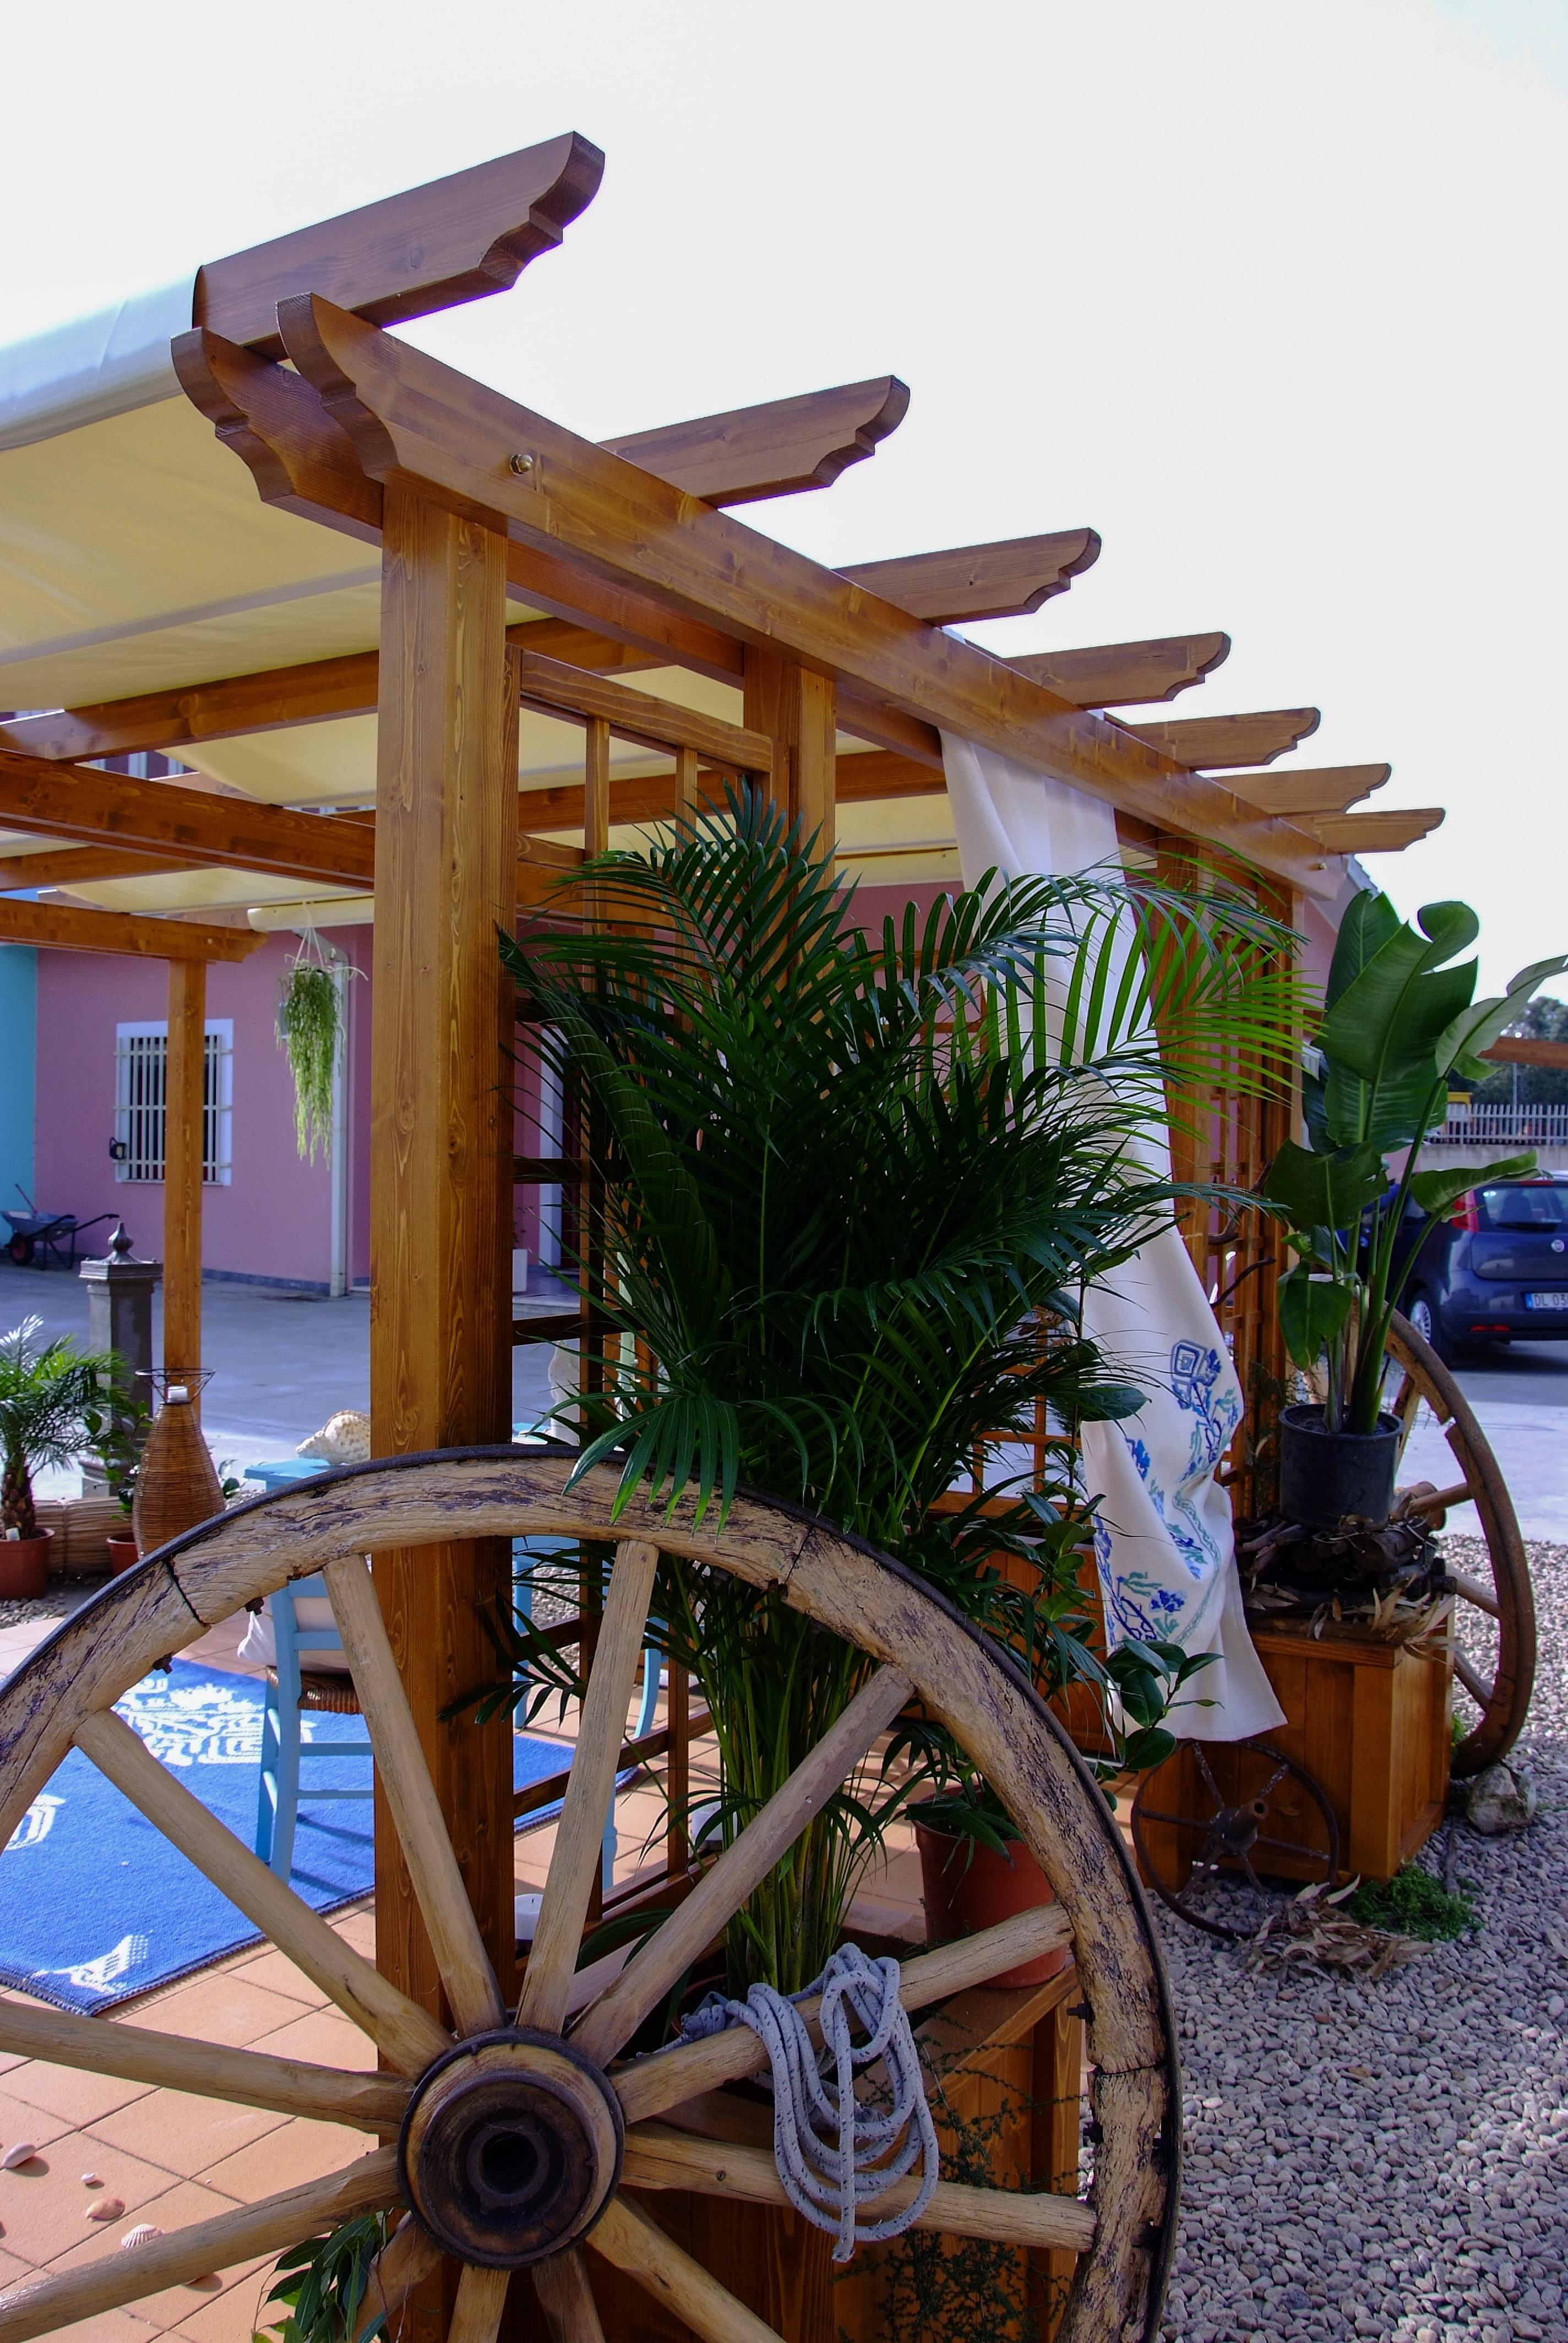 Dettaglio gazebo e arredi giardino in legno massello abete verniciato